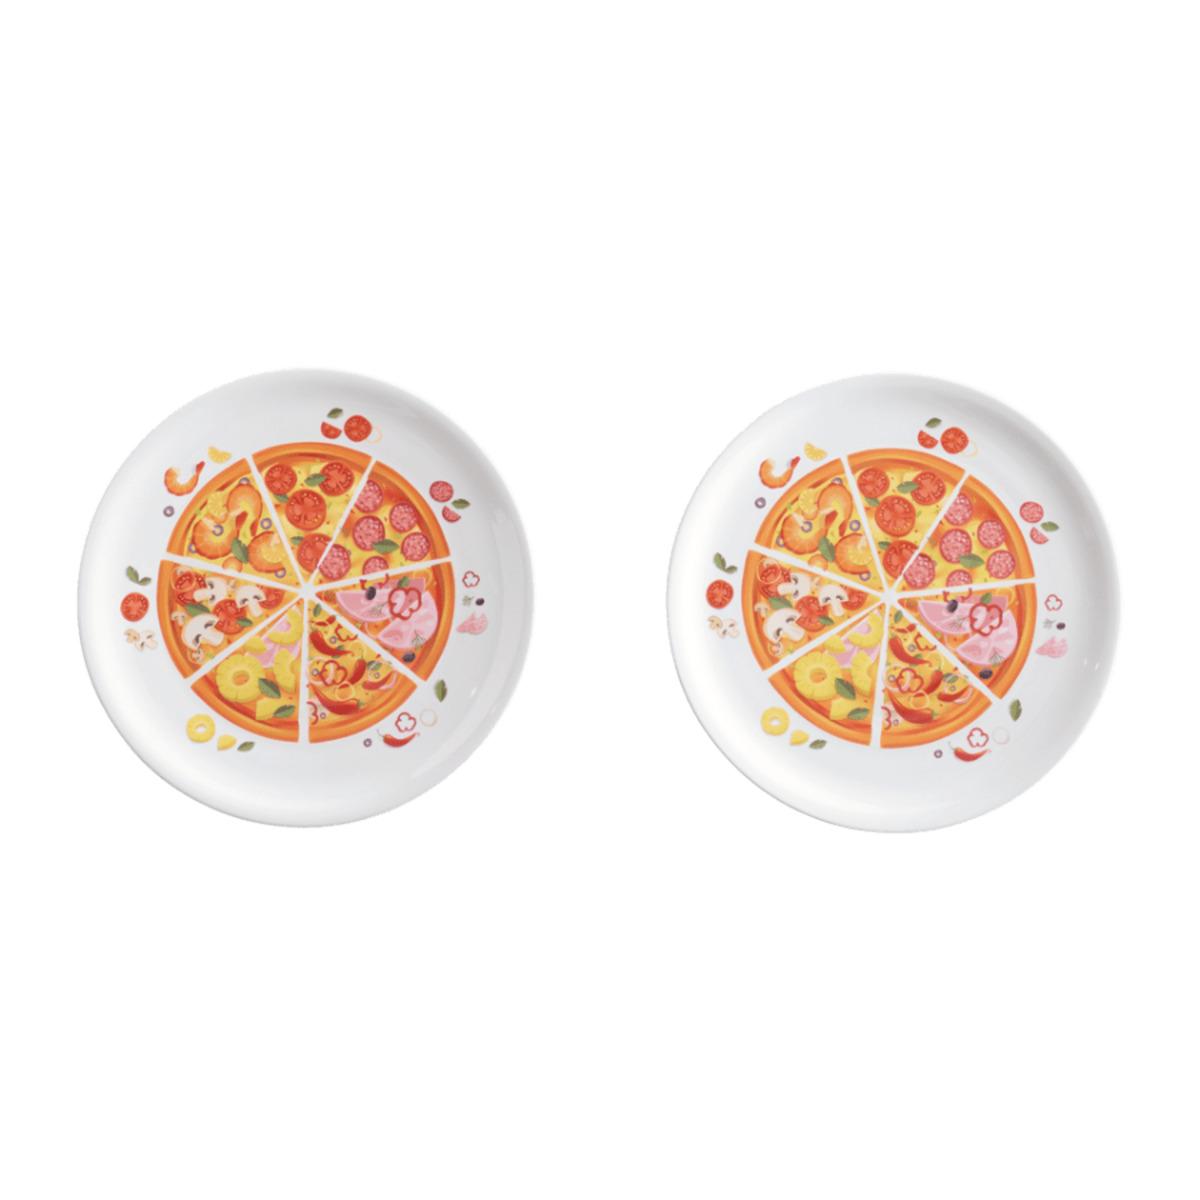 Bild 2 von HOME CREATION     Pizzateller